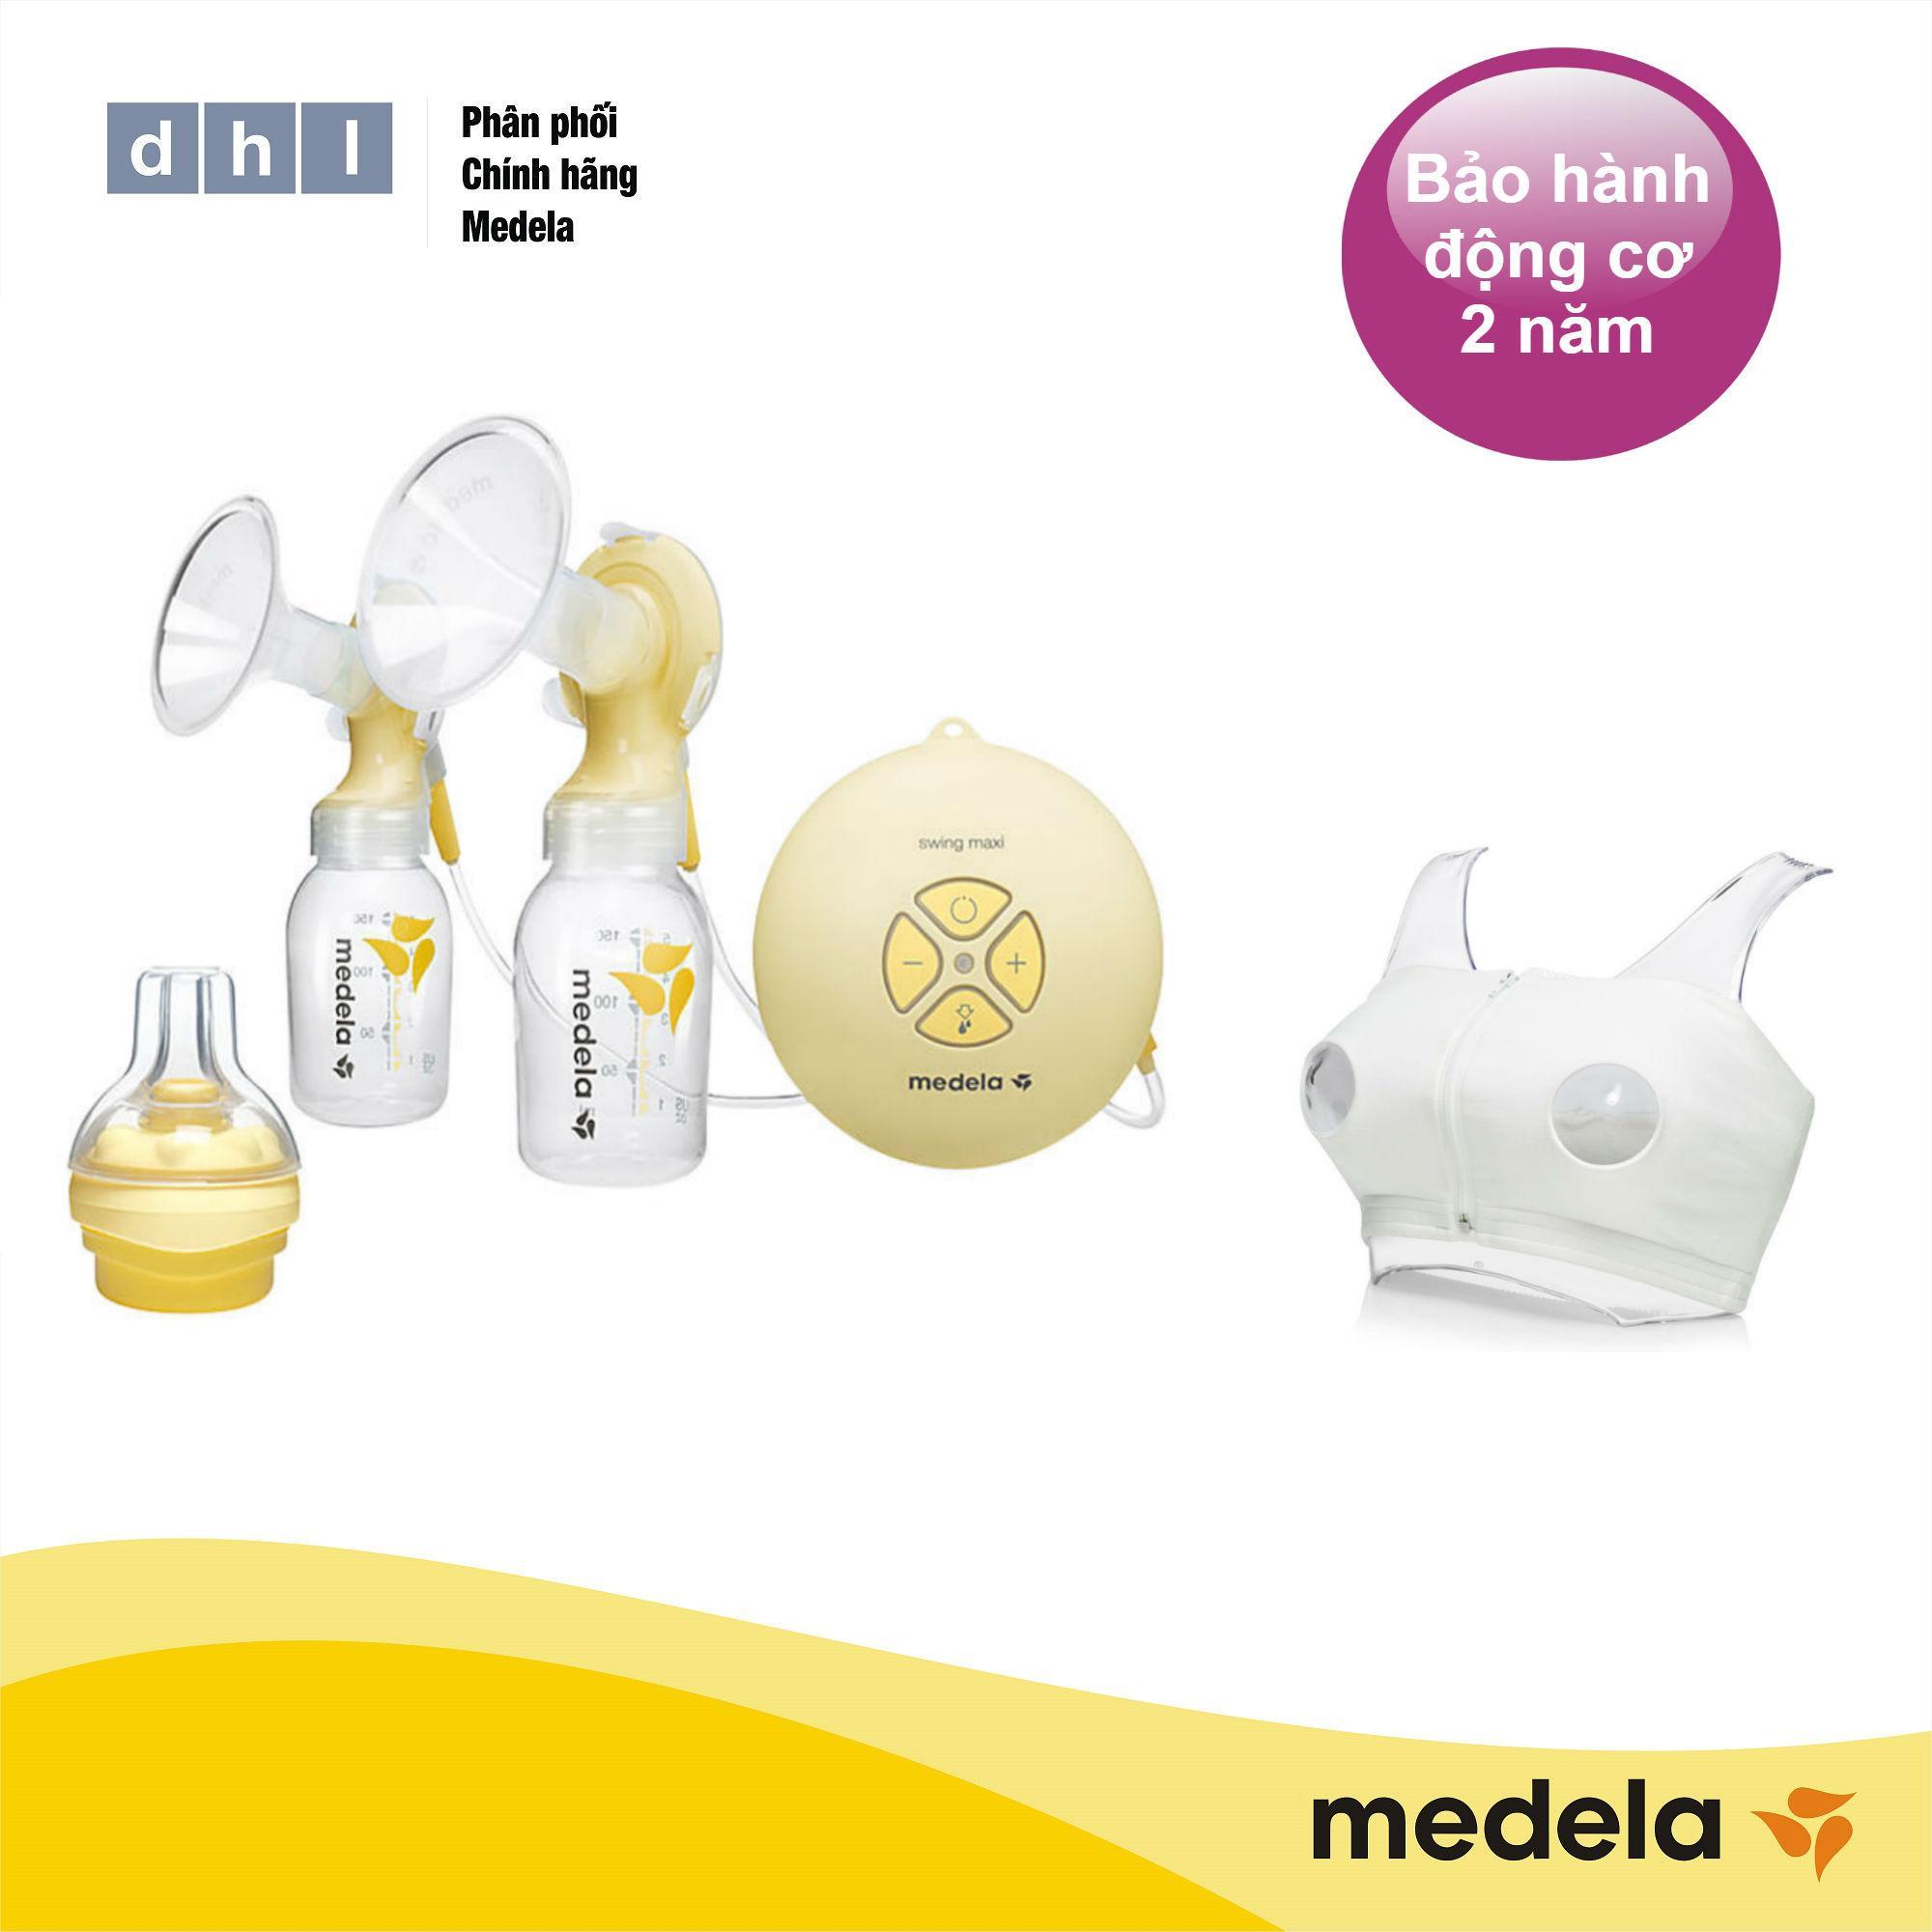 Máy hút sữa điện đôi Medela Swing Maxi - Tặng áo hút sữa rảnh tay DHL và 1 núm Calma - Hàng phân phối chính thức Medela Thụy Sĩ